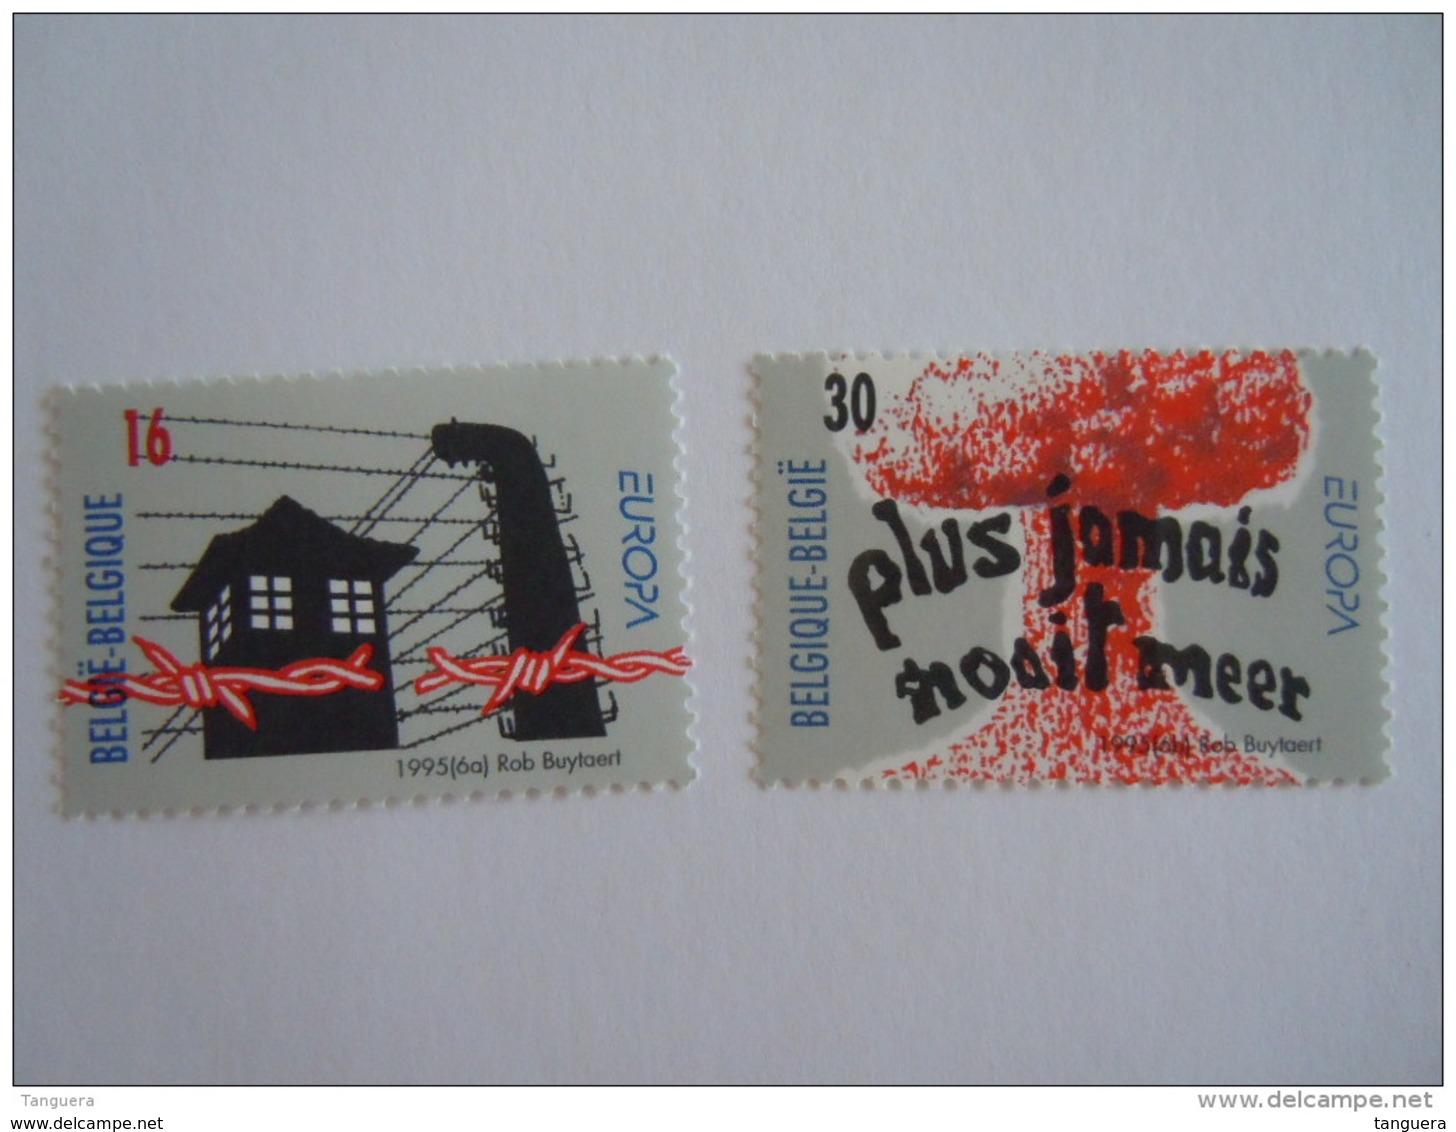 België Belgique 1995 Europa Bevrijding Kampen Libertion Des Camps De Concentration Non Proliferatie 2597-2598 MNH ** - Unused Stamps